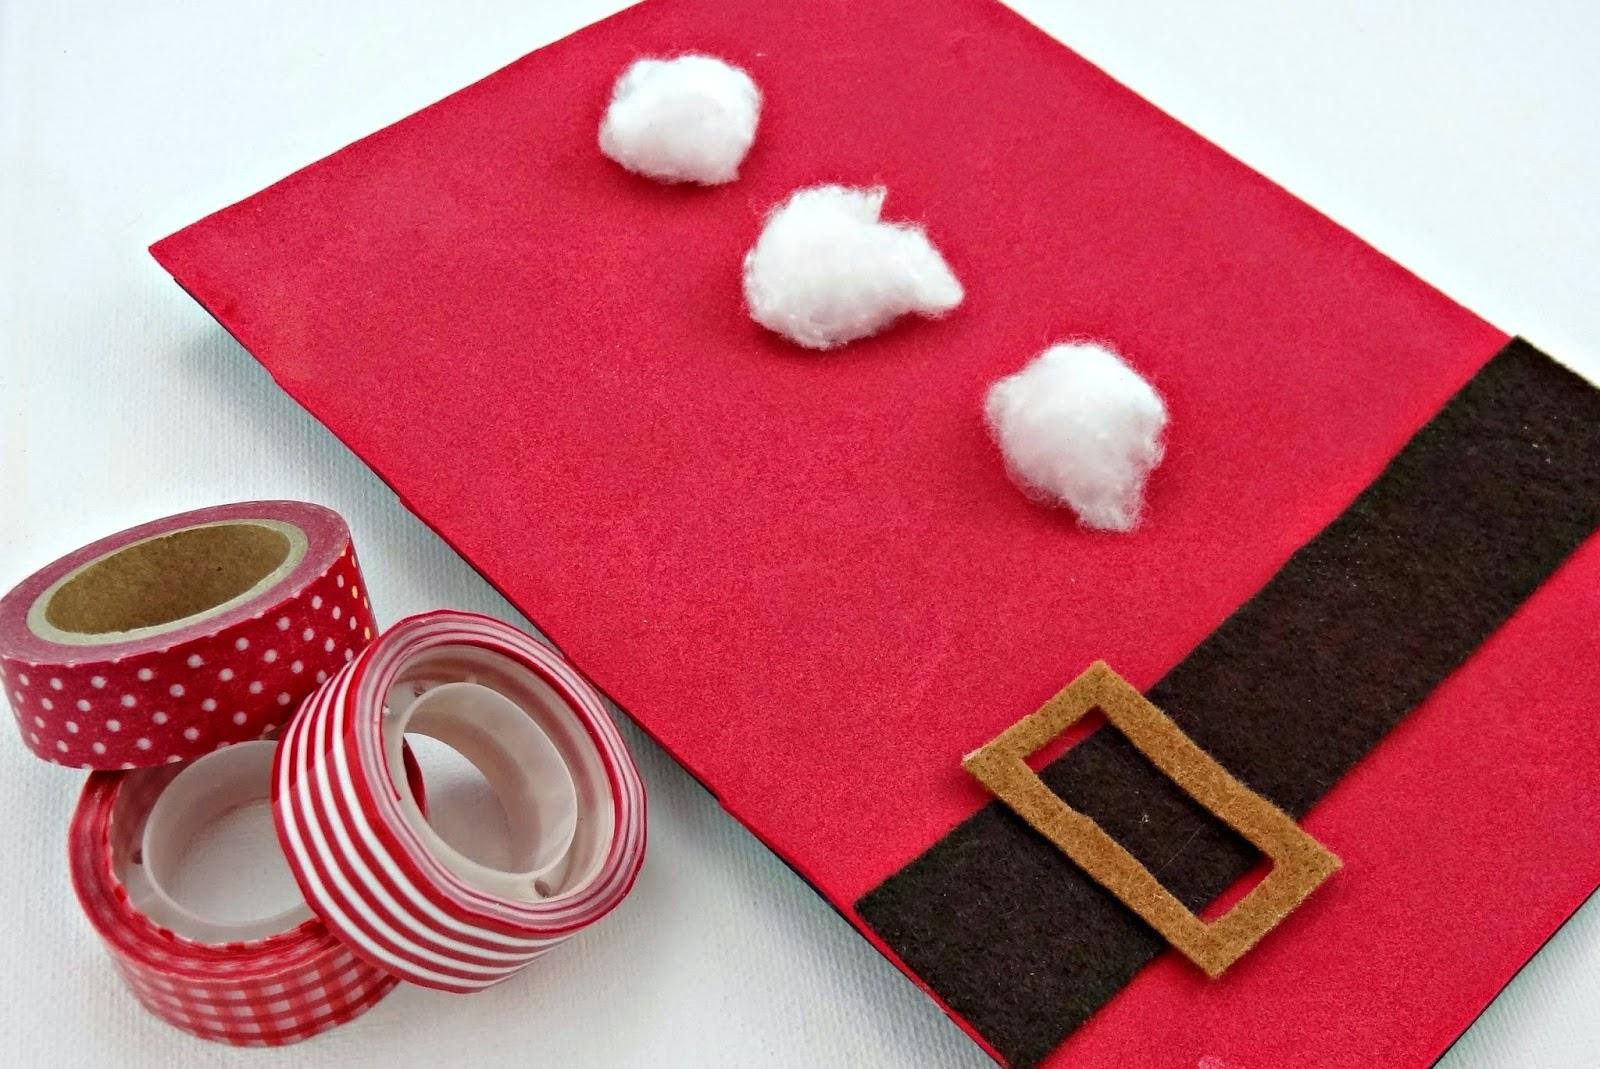 Como Hacer Tarjetas De Navidad Cmo Lo Hago Como Hacer Tarjetas - Manualidades-de-tarjetas-de-navidad